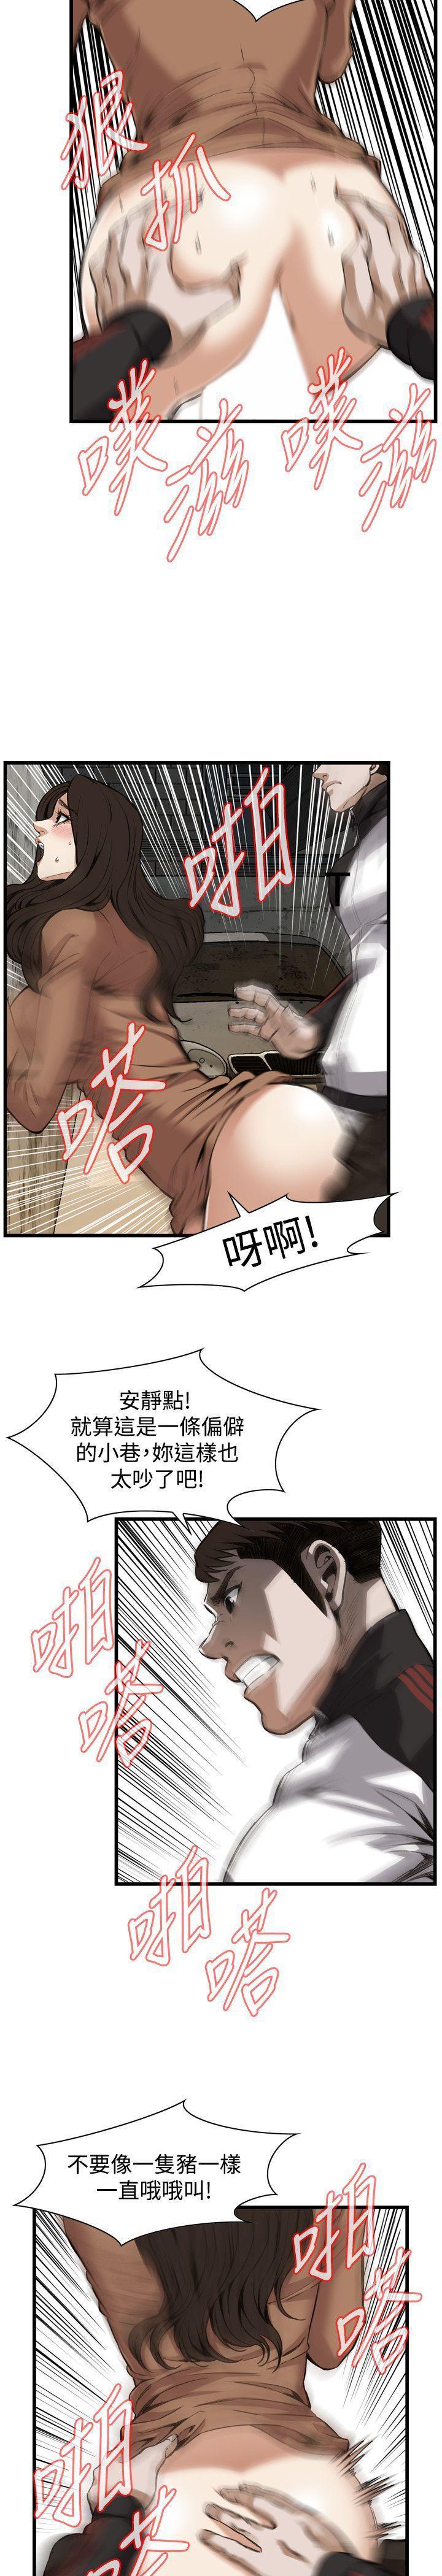 偷窥72-93 Chinese Rsiky 387